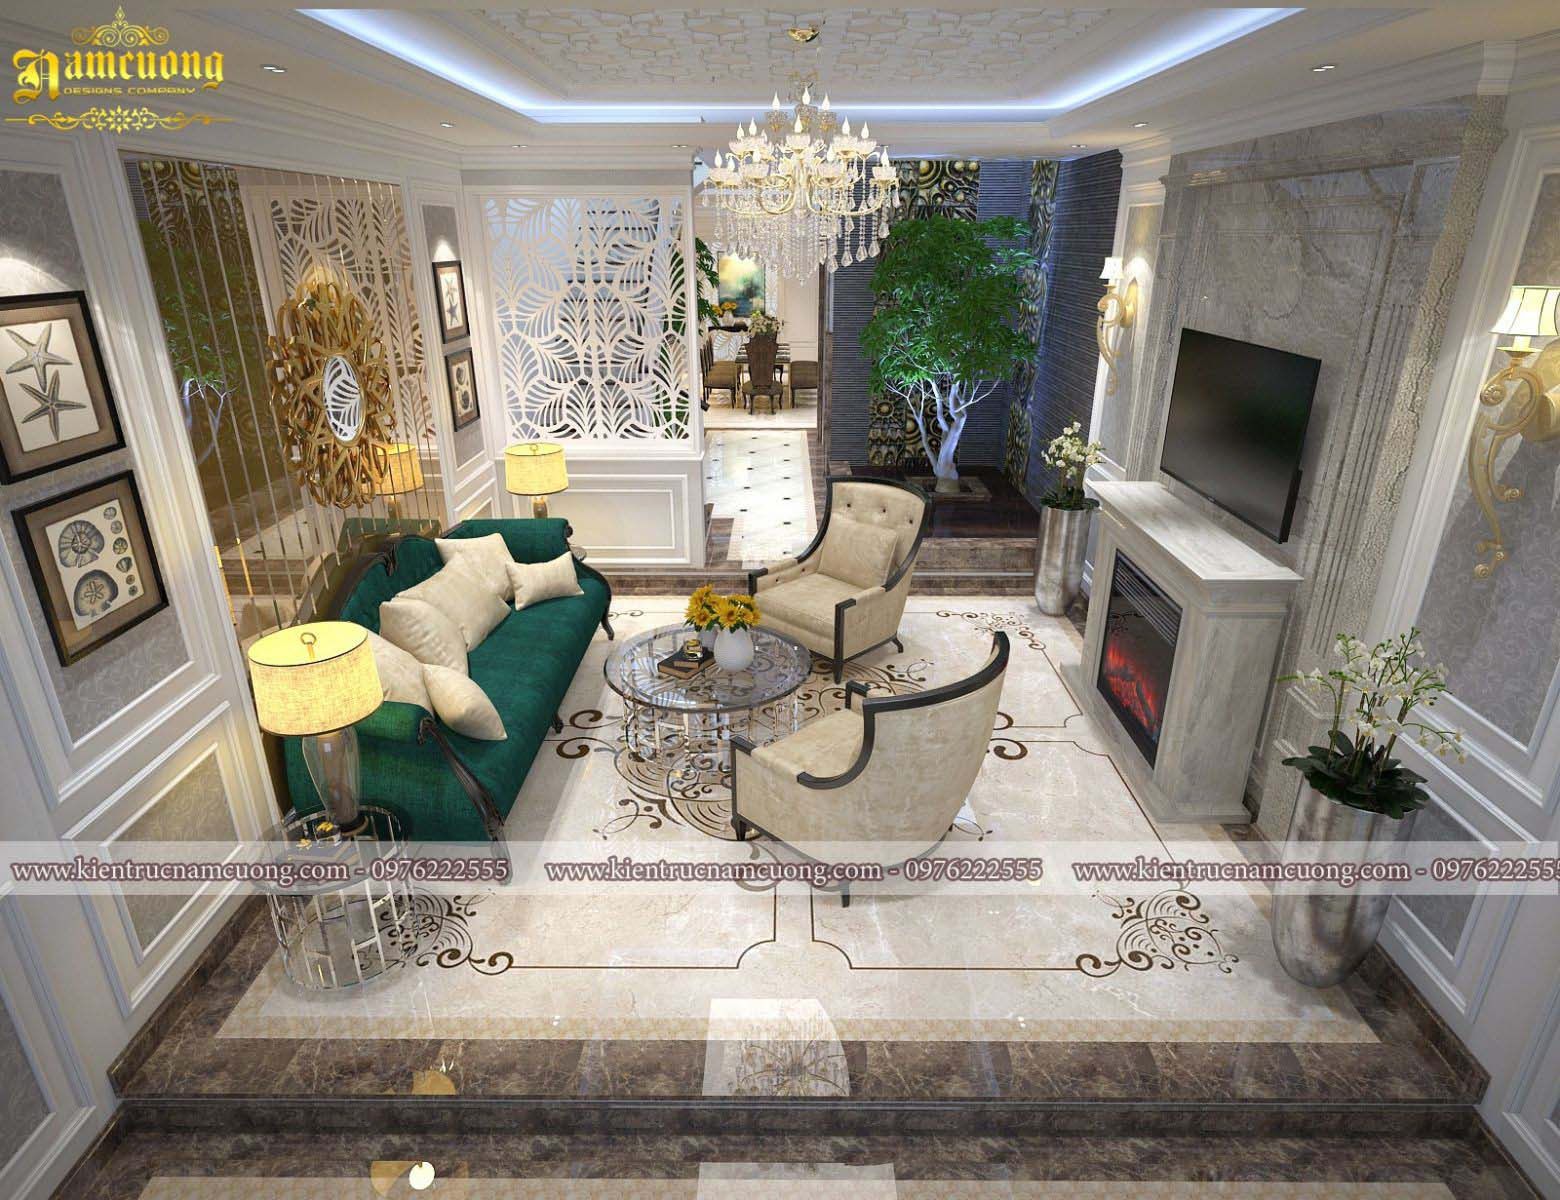 Mẫu nội thất phòng khách đẹp cho nhà phố cổ điển- NTPKCD 063